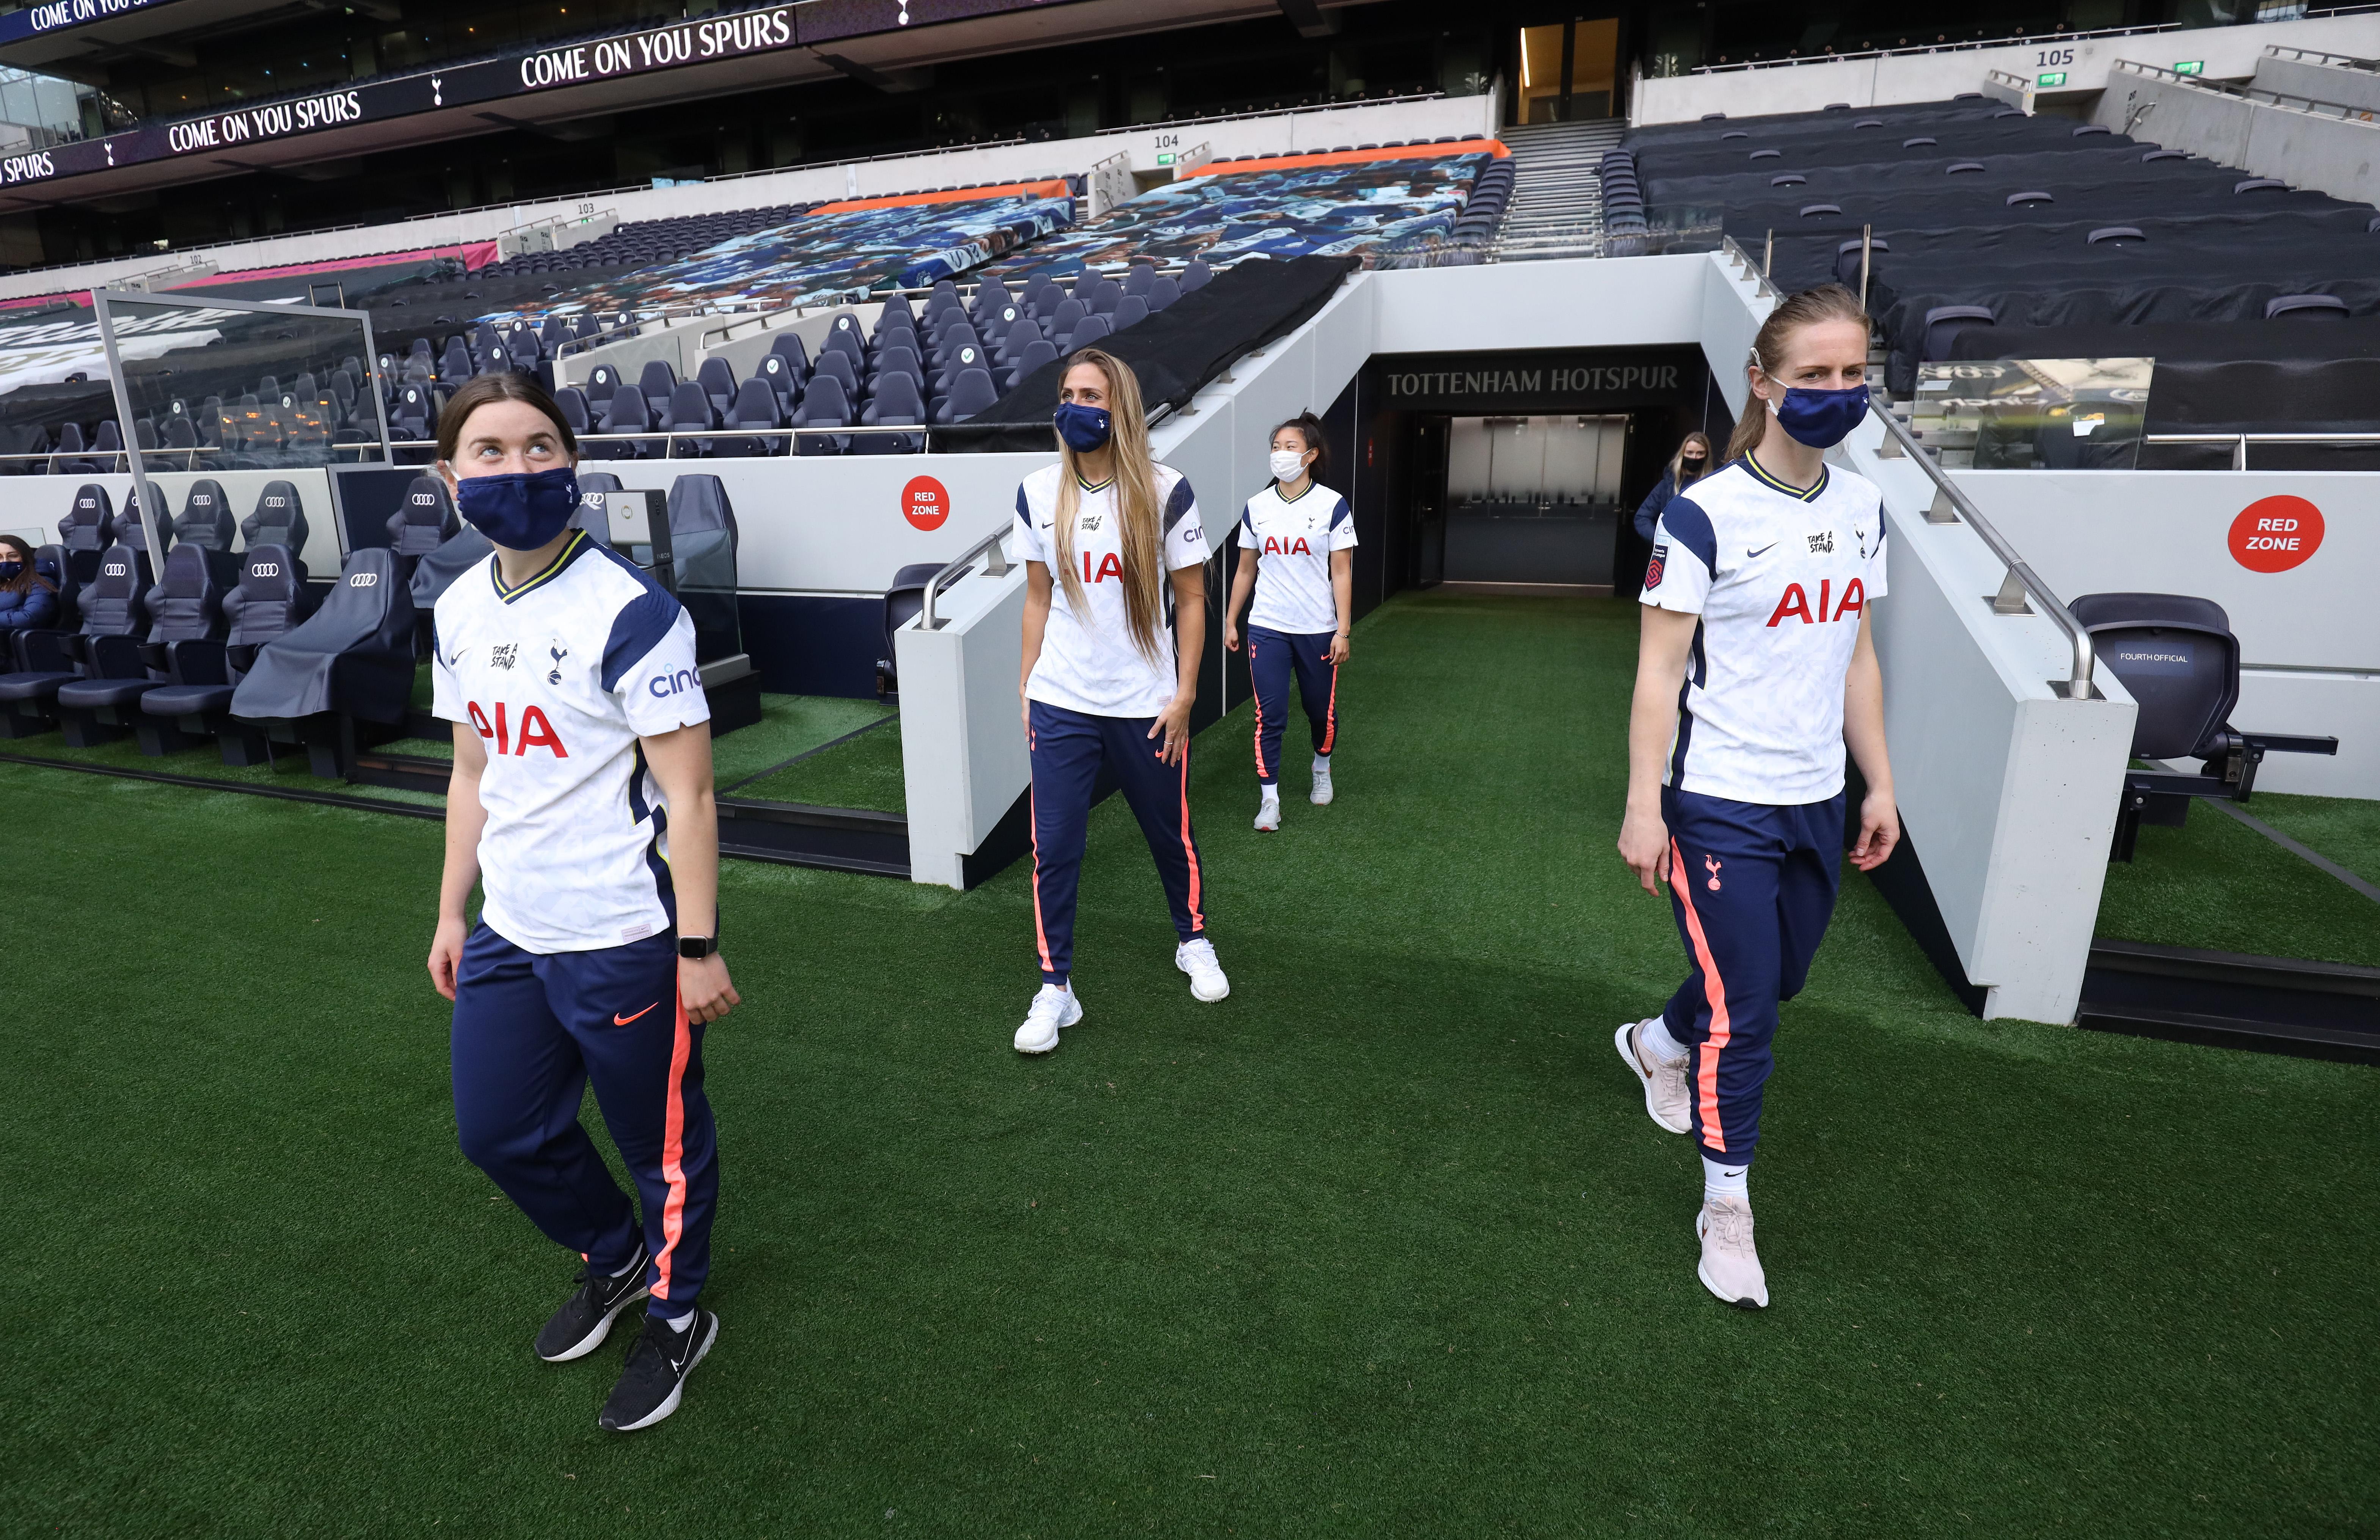 Tottenham Hotspur Women Visit Tottenham Hotspur Stadium